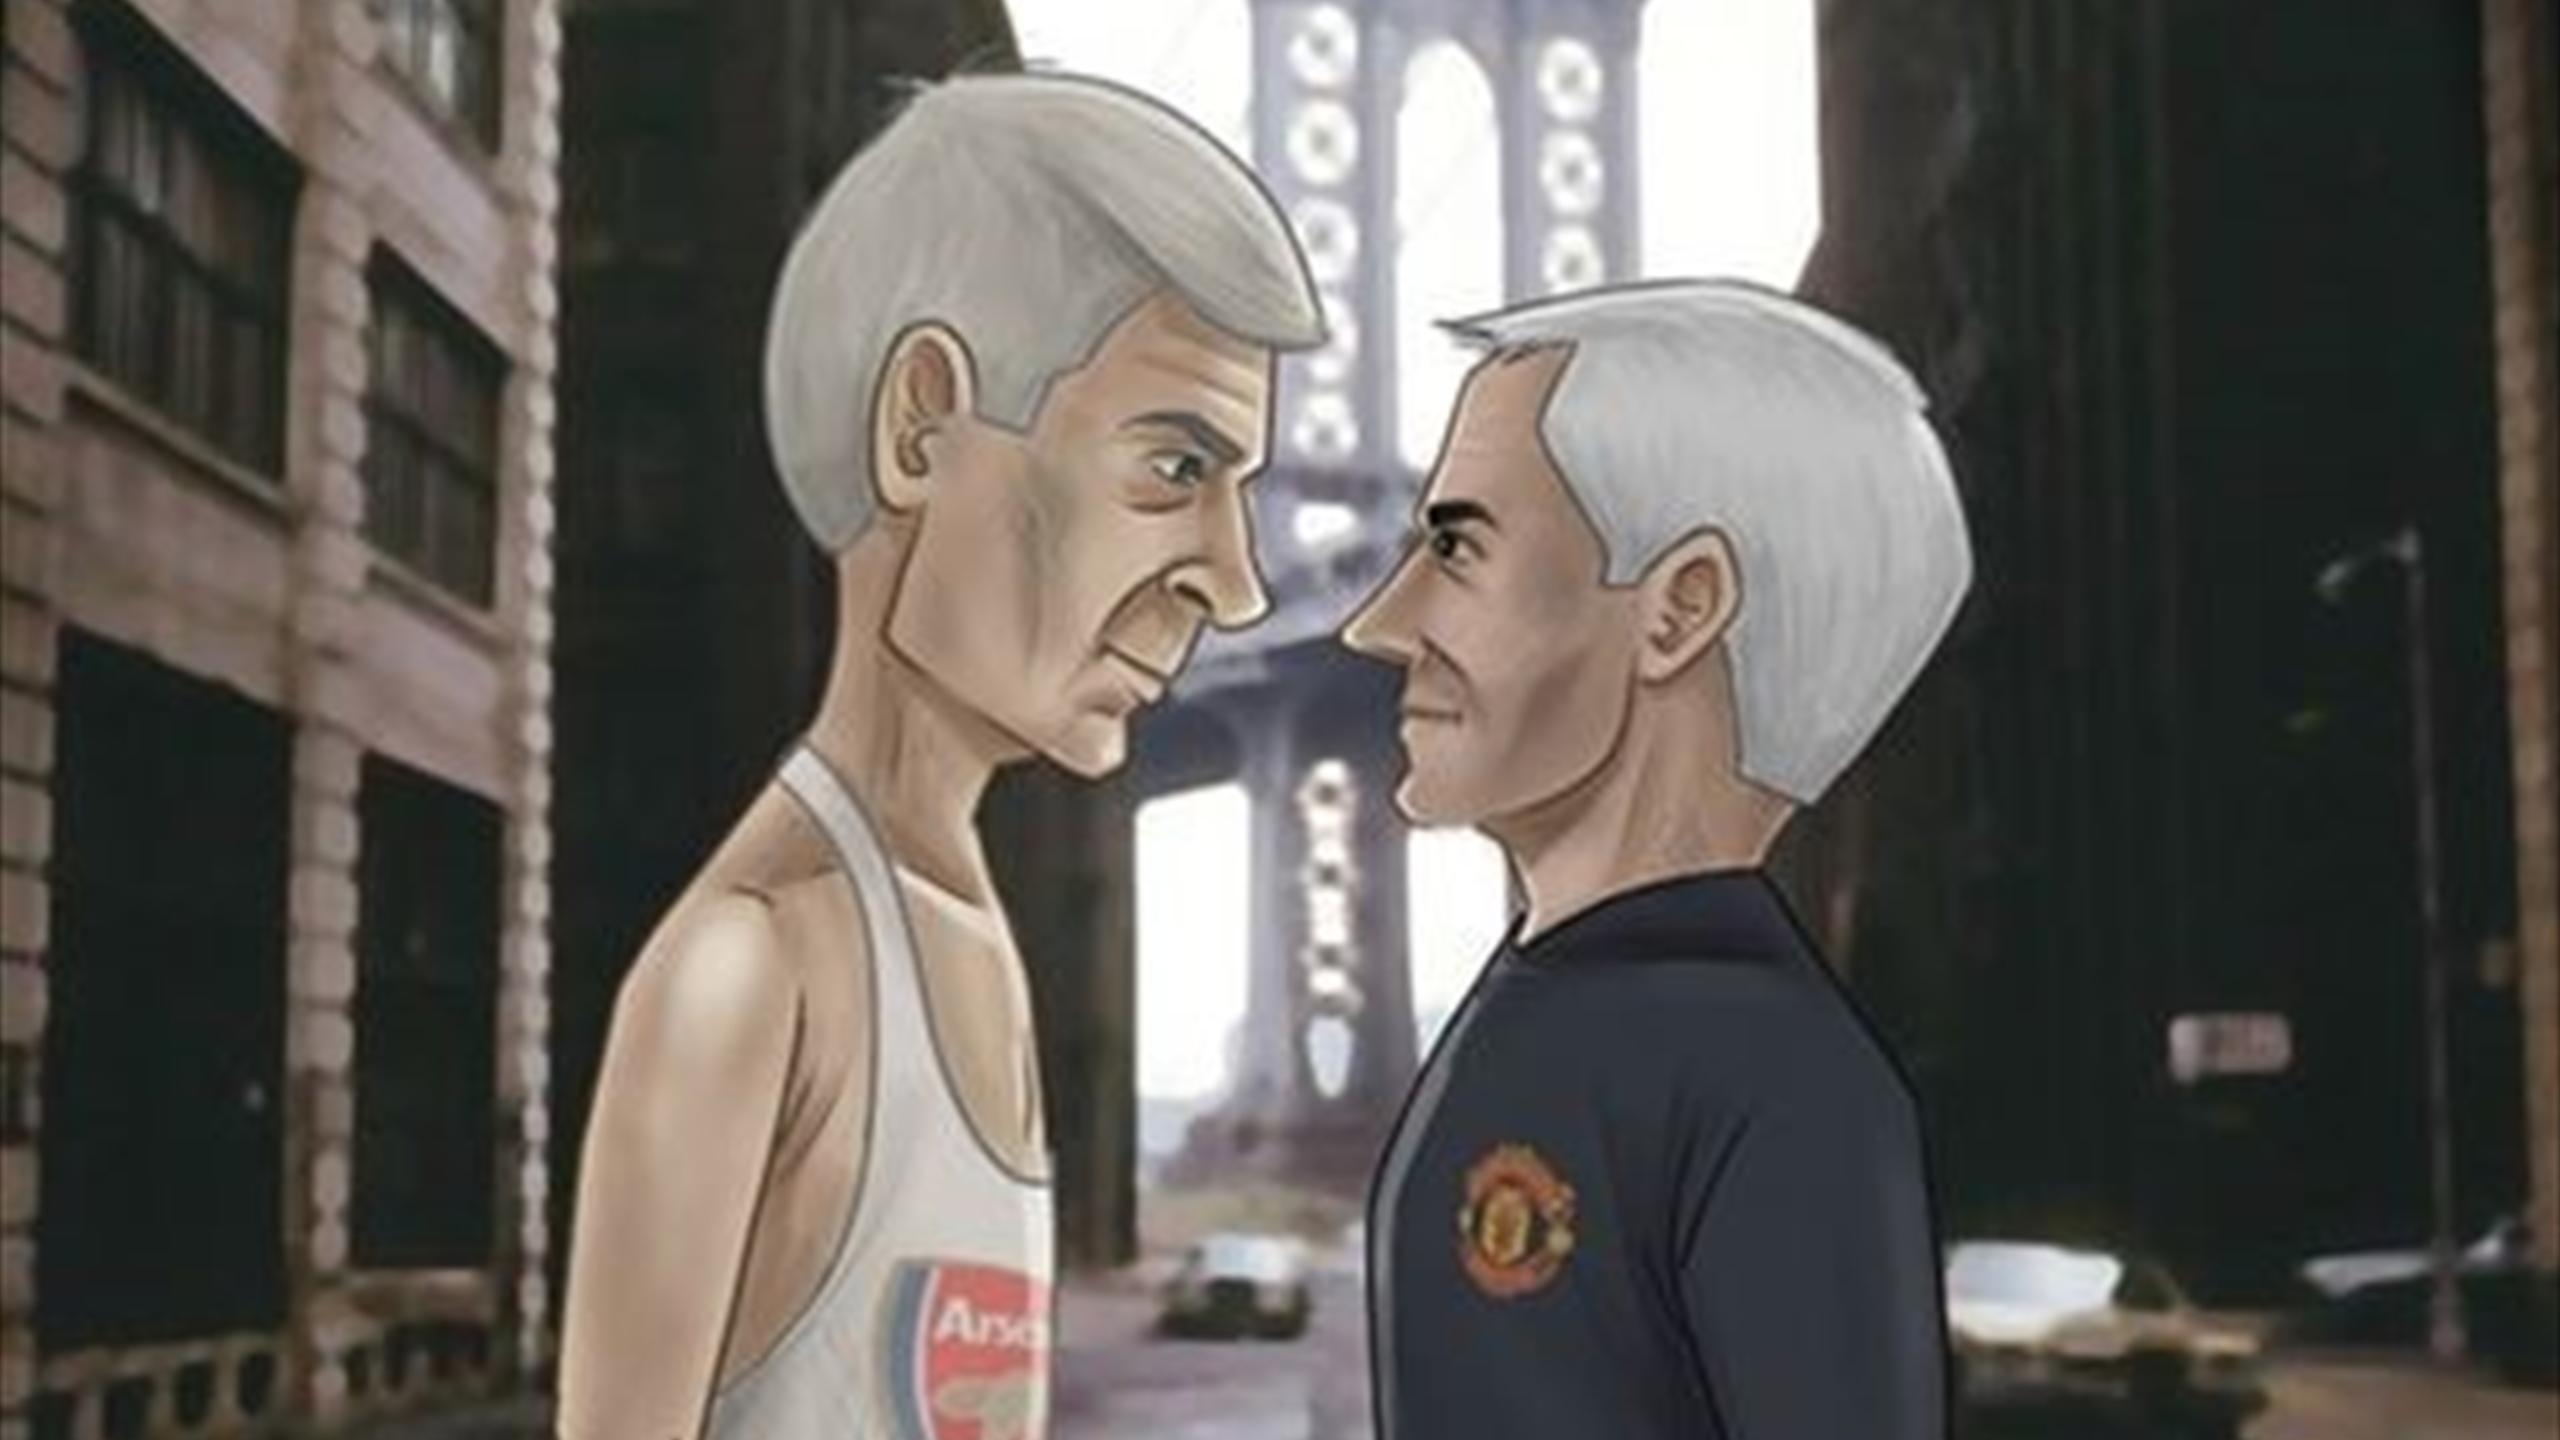 Arsene Wenger v Jose Mourinho - Part XVI - Let battle commence!